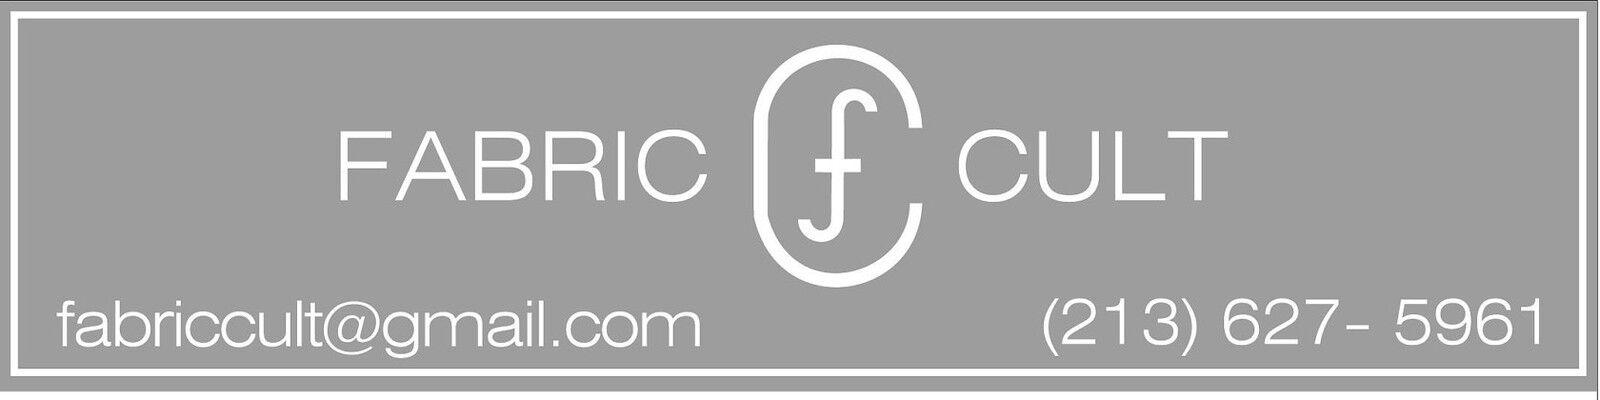 Fabric Cult Revolution